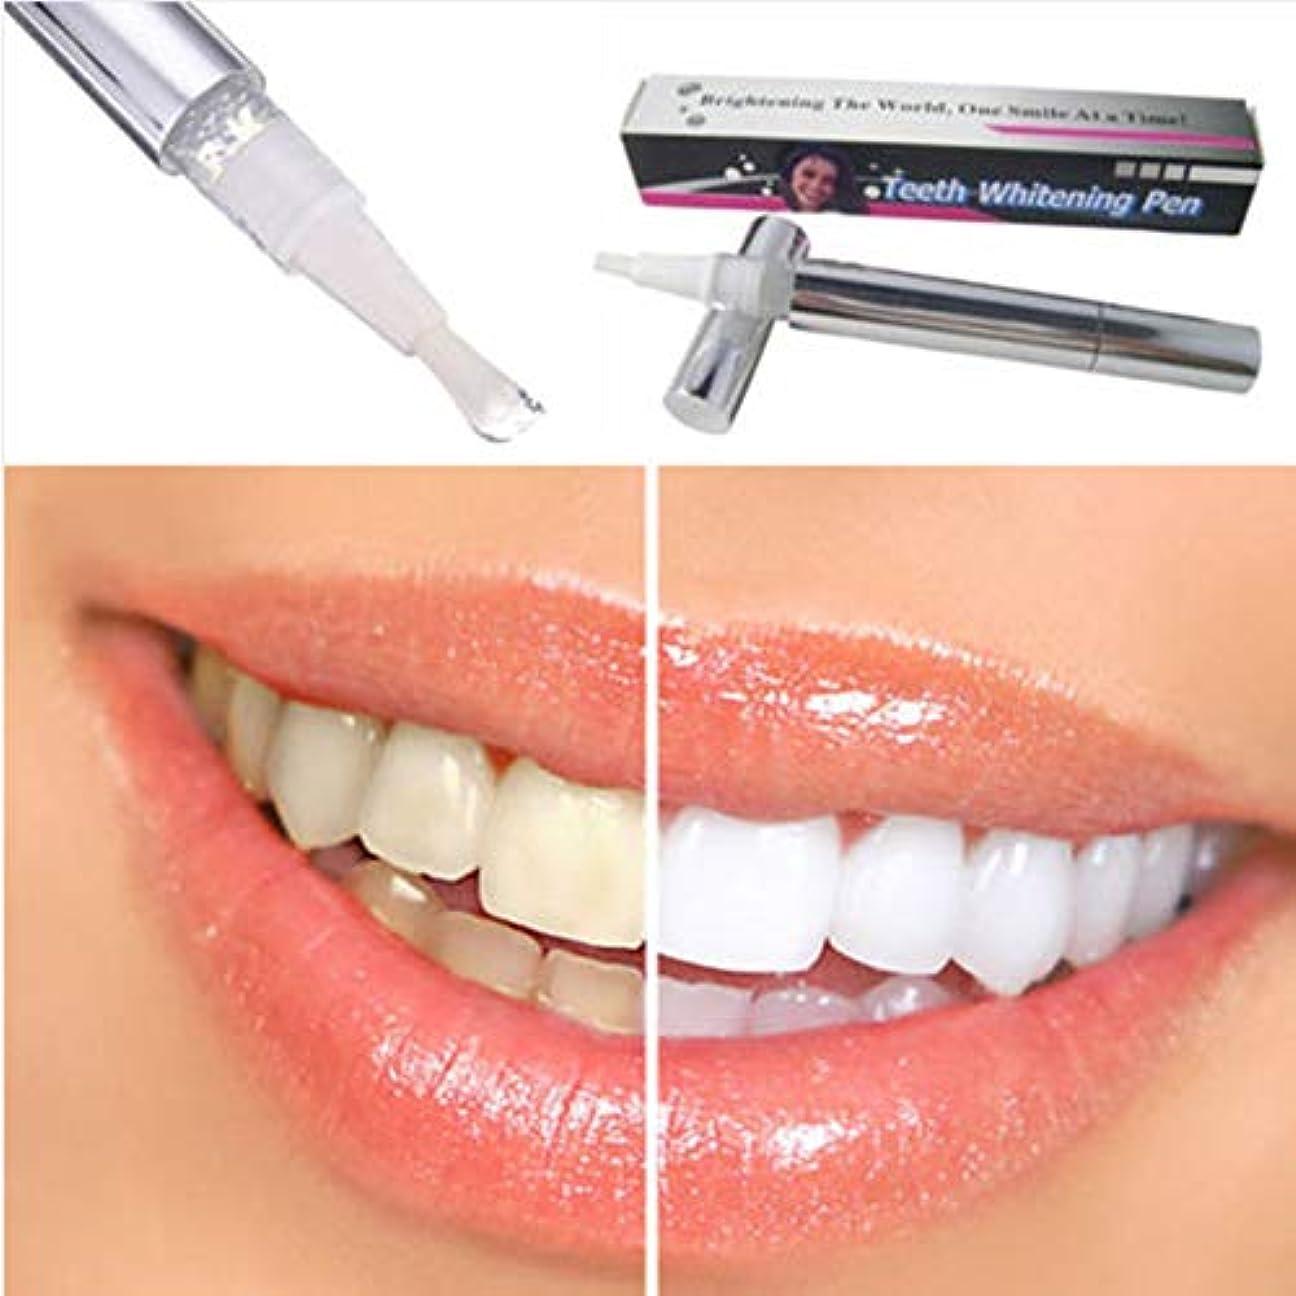 賞賛するバウンス孤独ホワイトニングペン型真っ白な歯 ホワイトニングペン 歯の白い漂白剤 瞬間汚れ消しゴムリムーバー